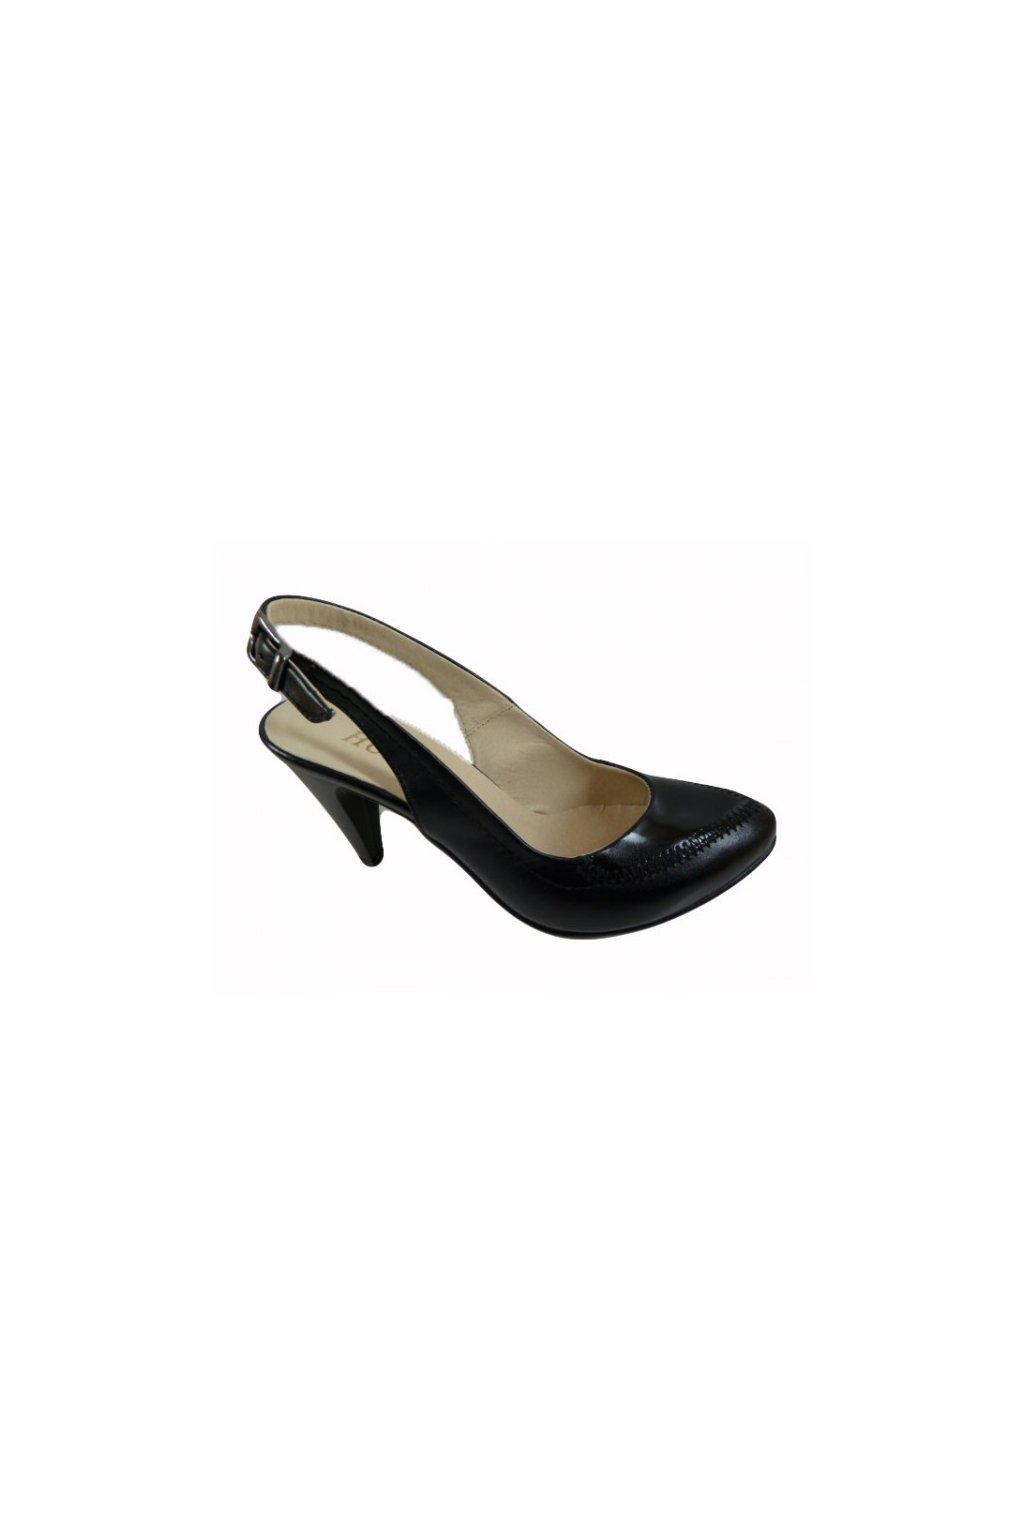 Podměrná dámská obuv Hujo 234/1